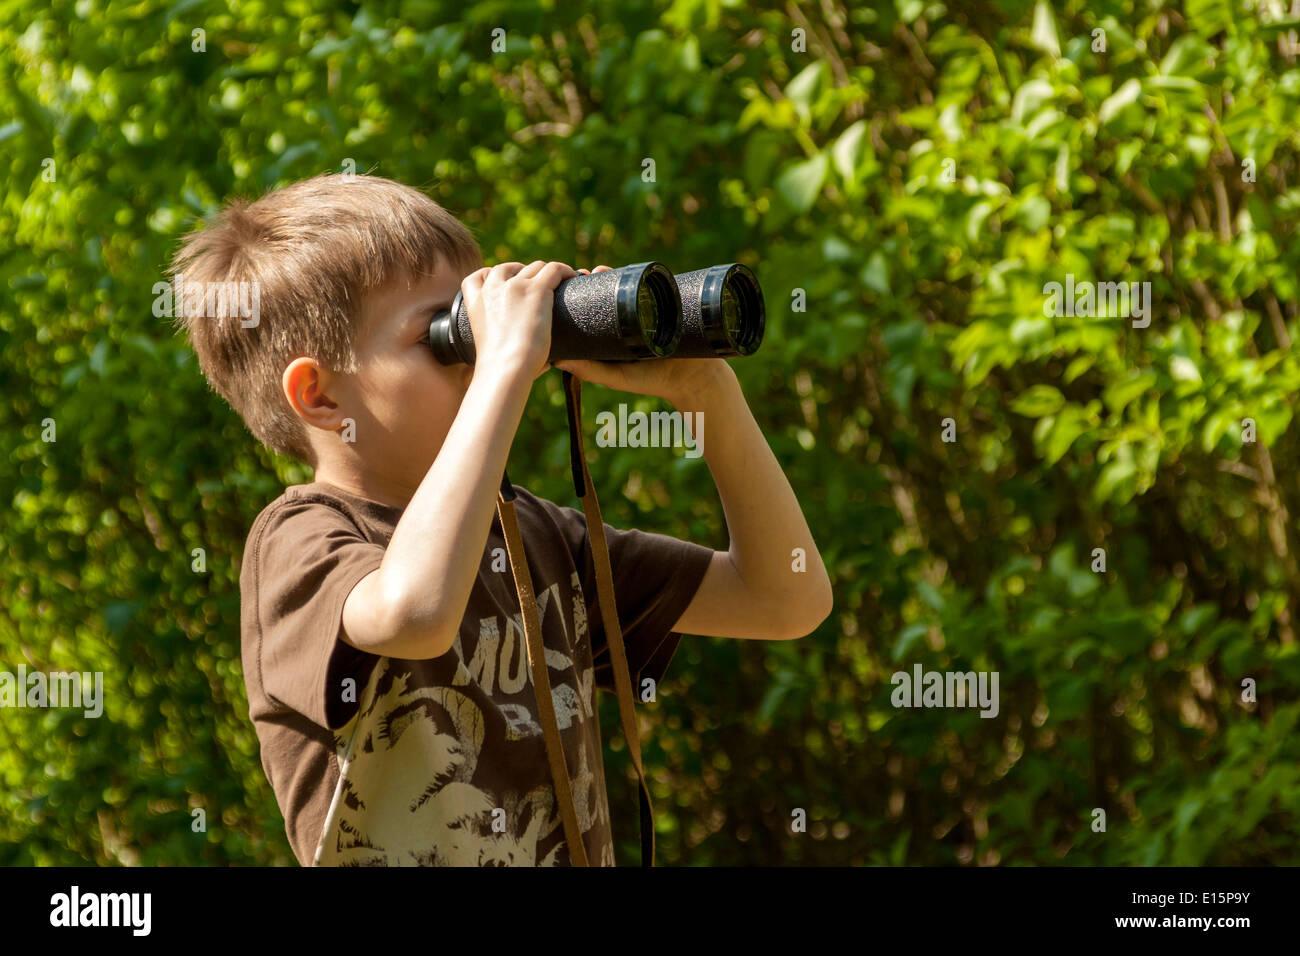 Junge vögel zu beobachten durch ein fernglas in einem wald